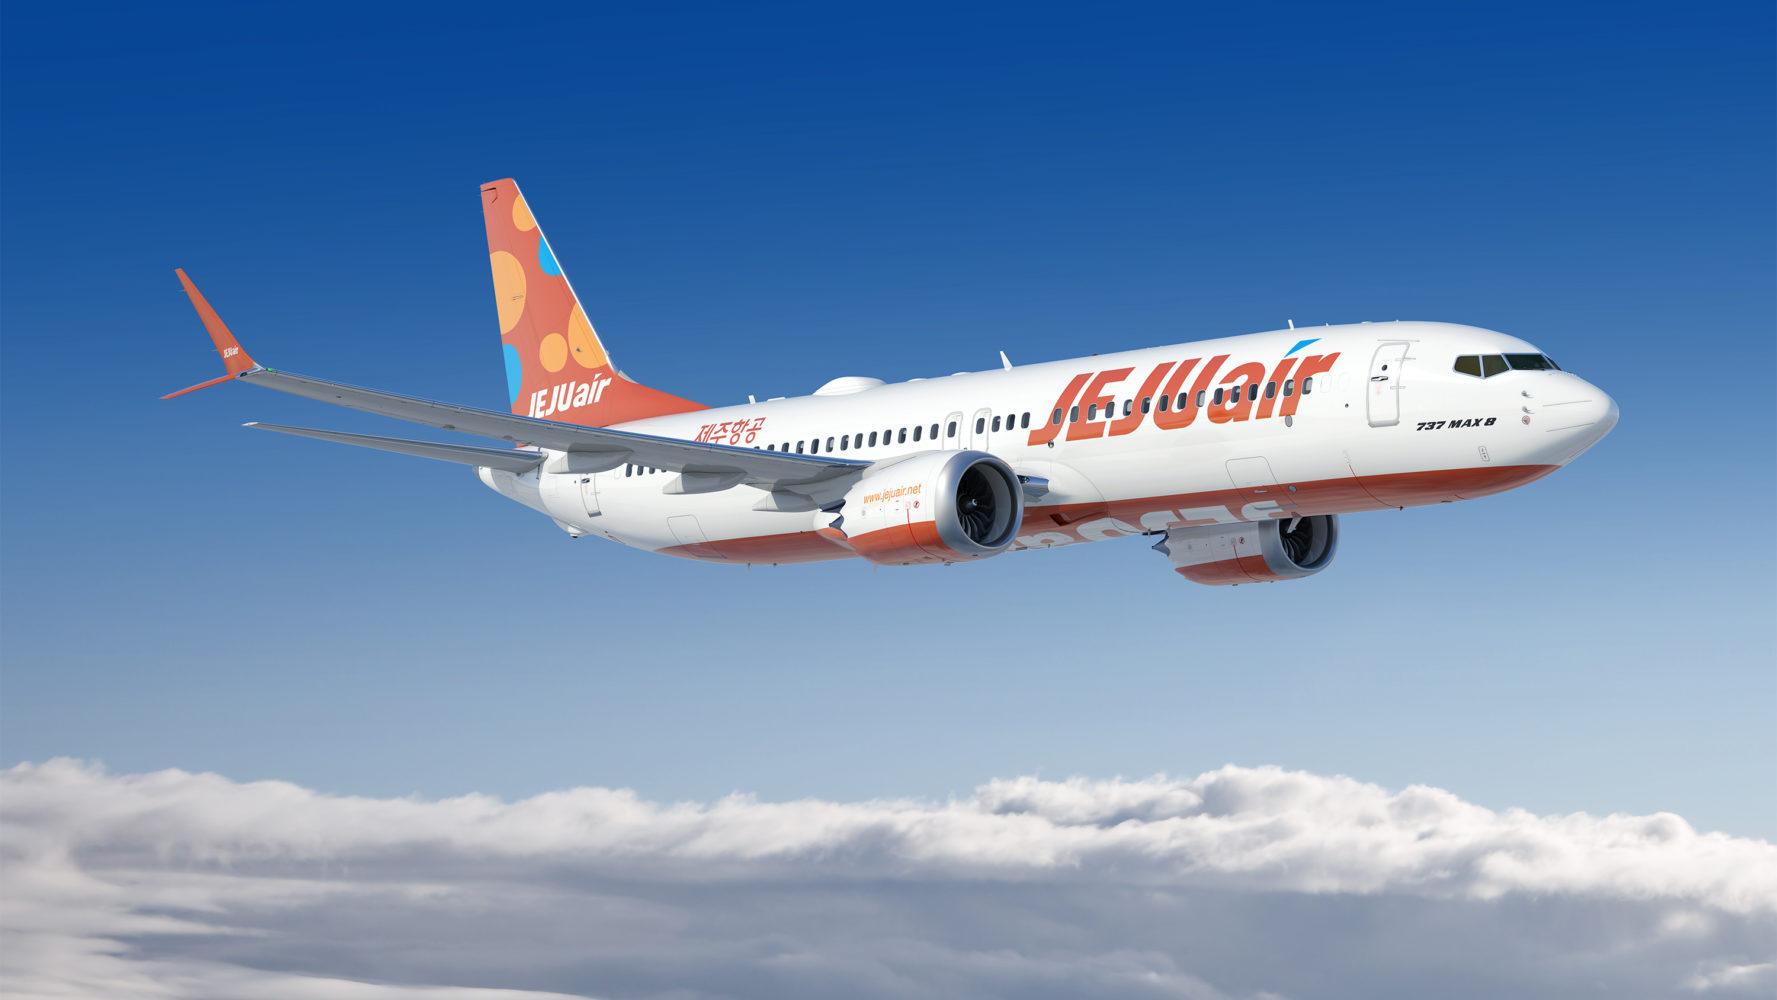 Jeju Air mở tuyến đường bay thẳng tới đảo Phú Quốc jeju air - Jeju-Air-mở-tuyến-đường-bay-thẳng-tới-đảo-Phú-Quốc - Jeju Air mở tuyến đường bay thẳng tới đảo Phú Quốc